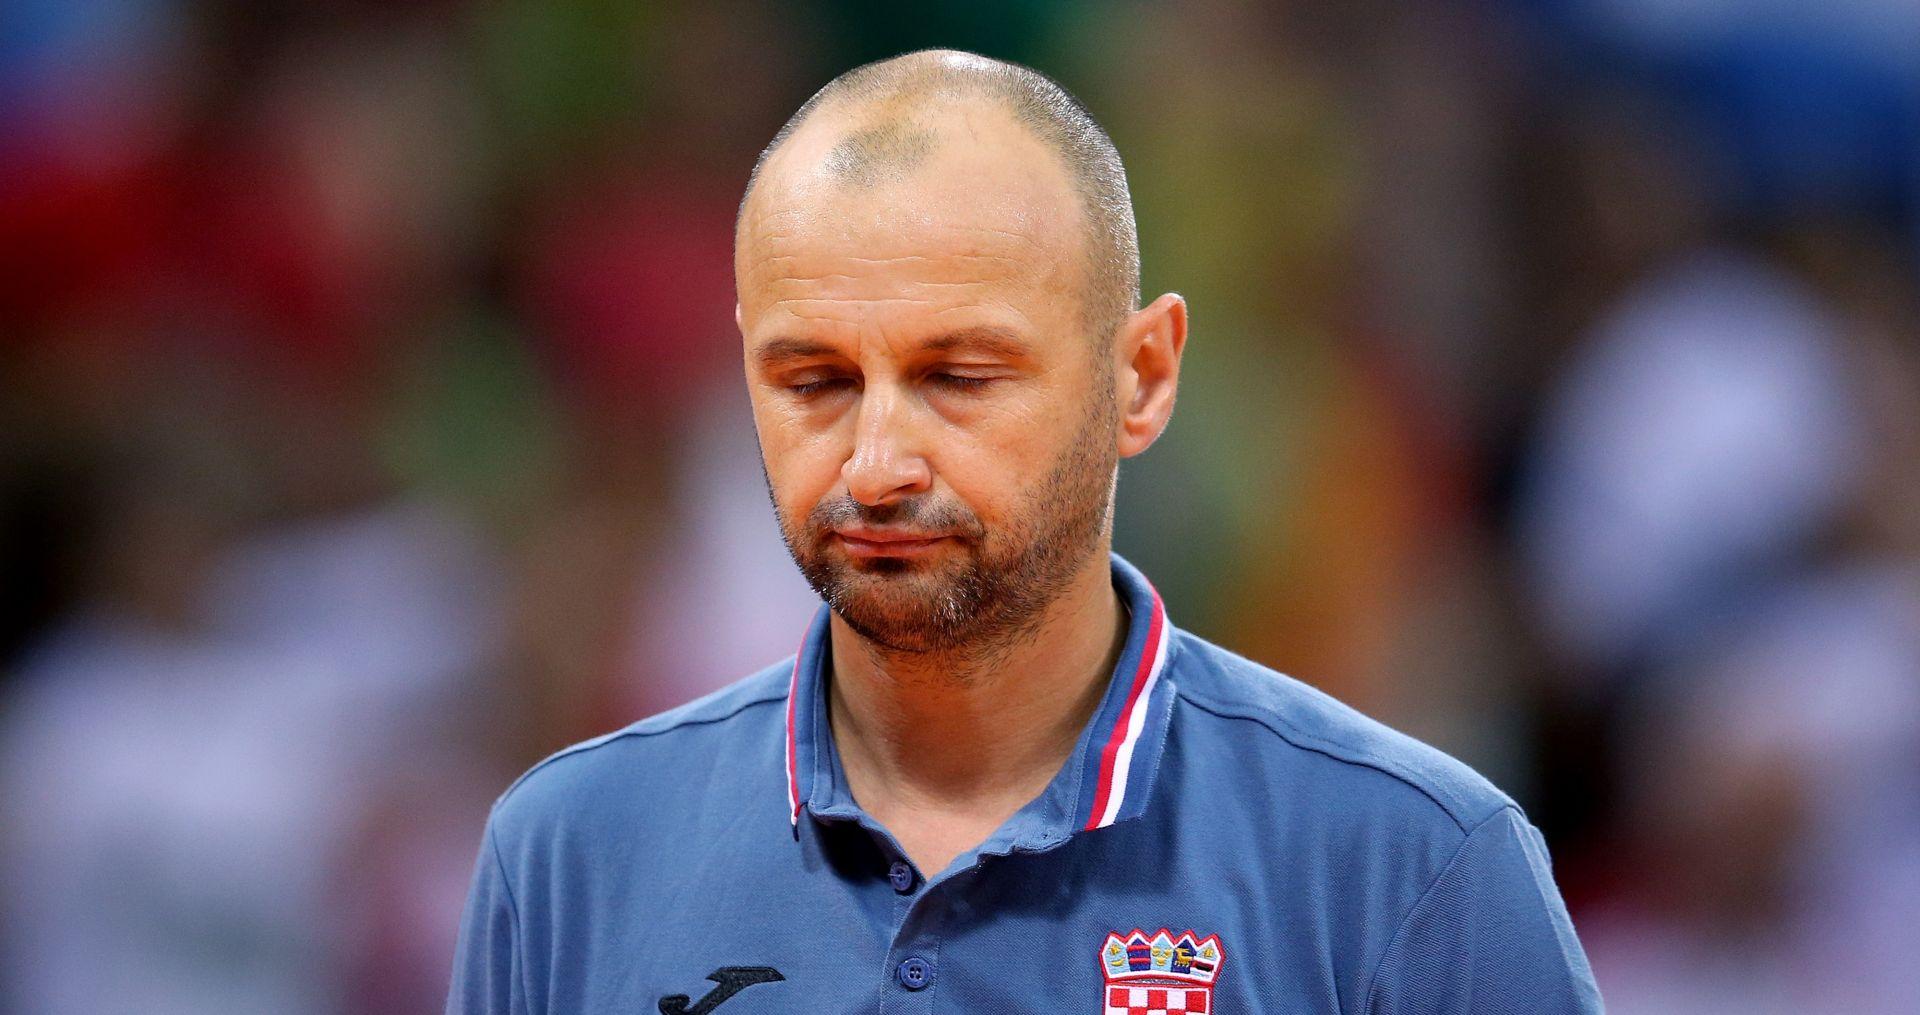 SASTANAK UPRAVNOG ODBORA HRS-A Željko Babić ostao pri odluci o neopozivoj ostavci